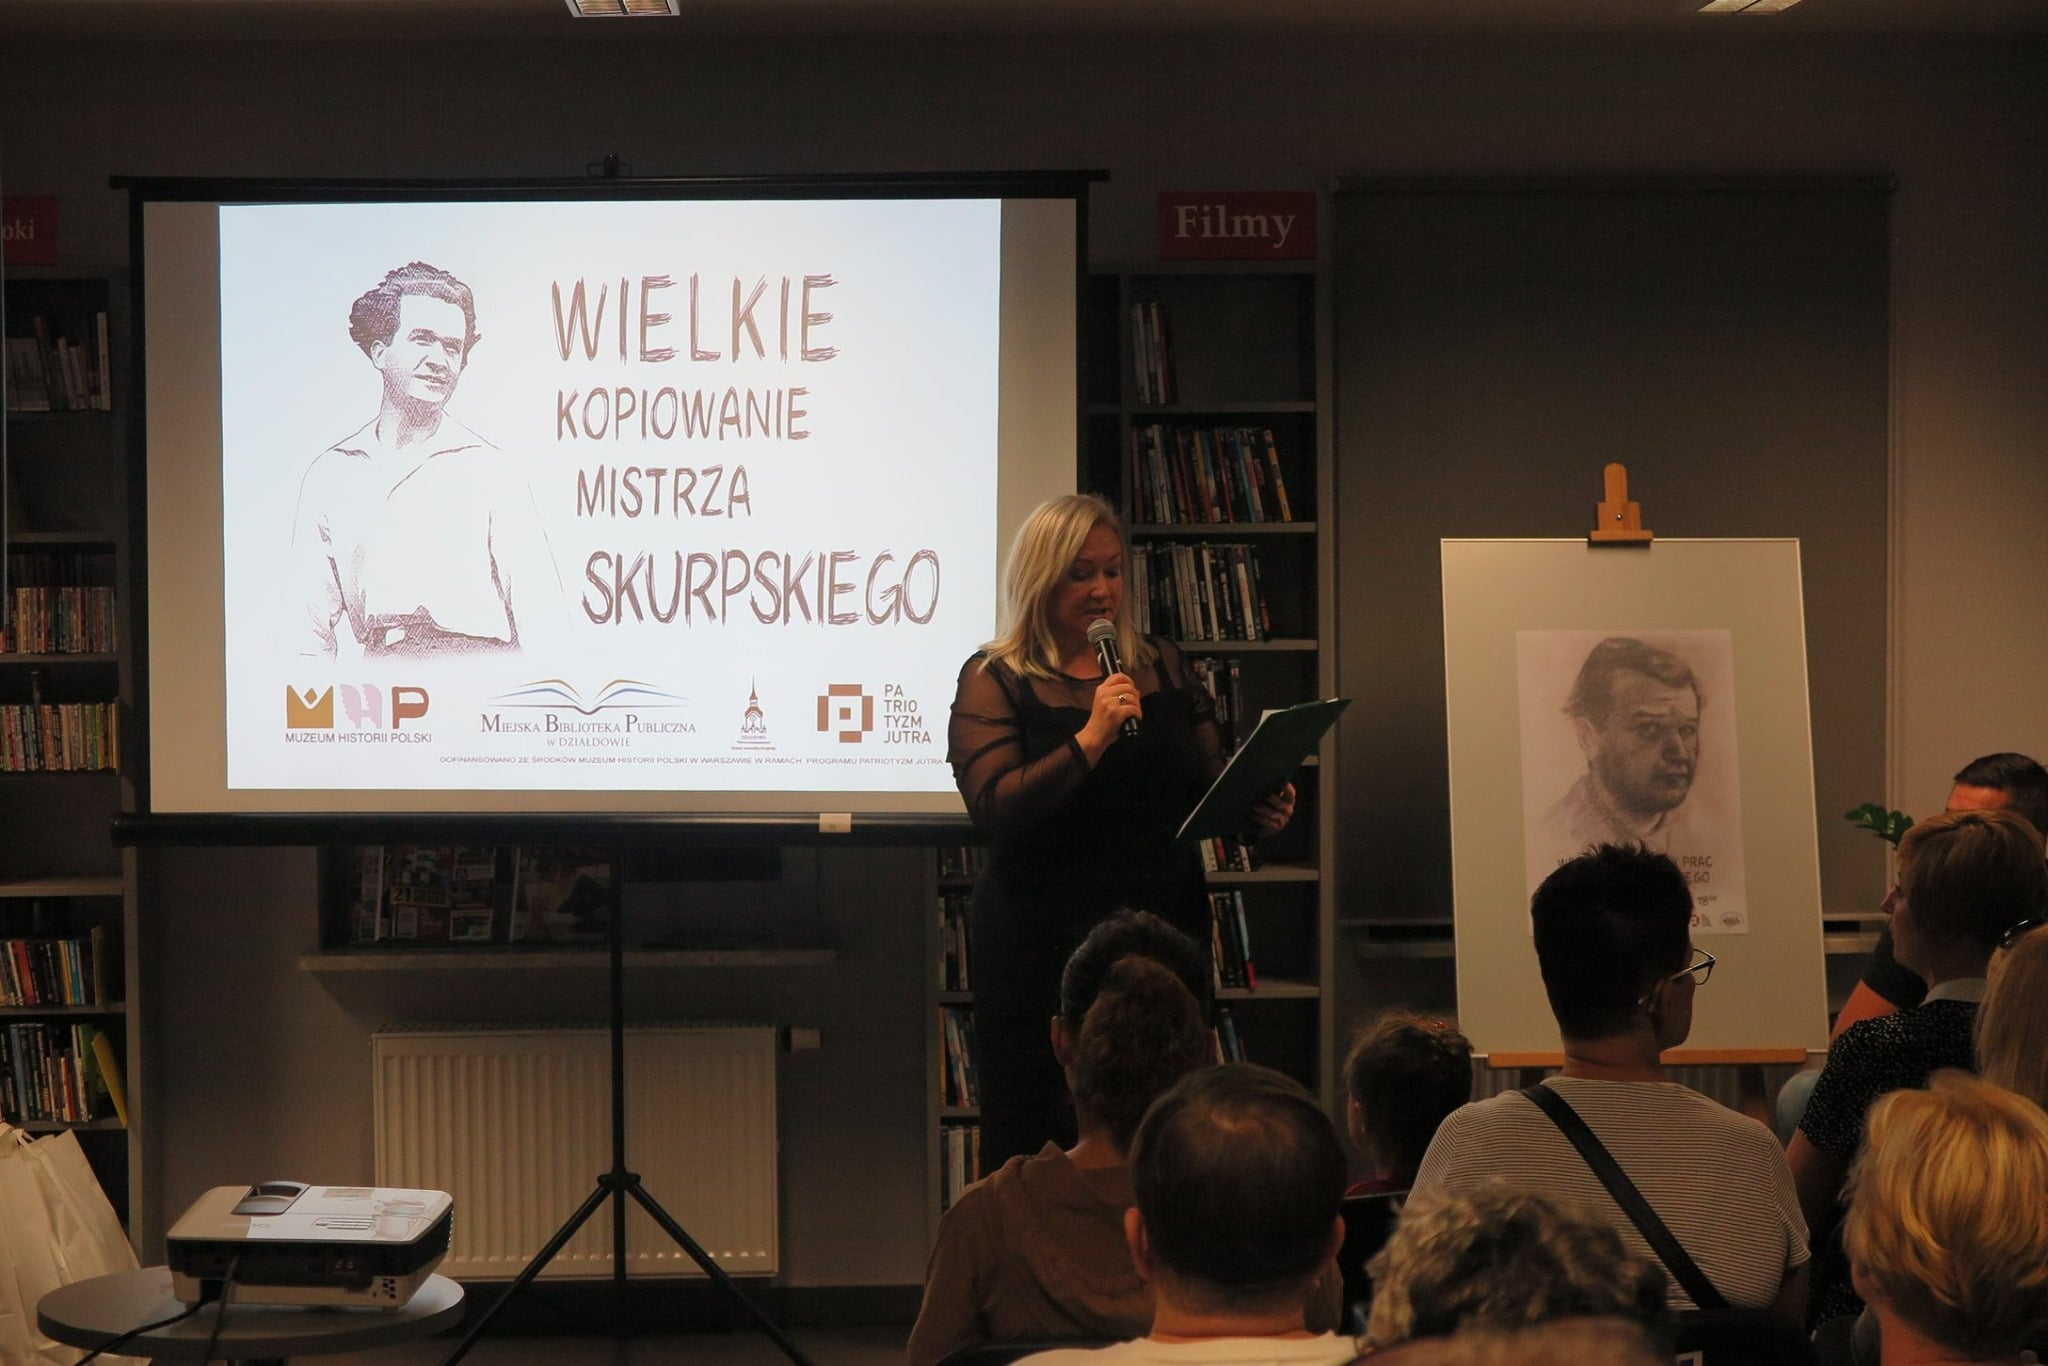 Wnętrze biblioteki,mediateka. Dyrektor MBP wita przybyłych gości z okazji wernisażu wystawy prac Hieronima Skurpskiego. W tle monitor z napisem ''Wielkie kopiowanie mistrza Skurpskiego.